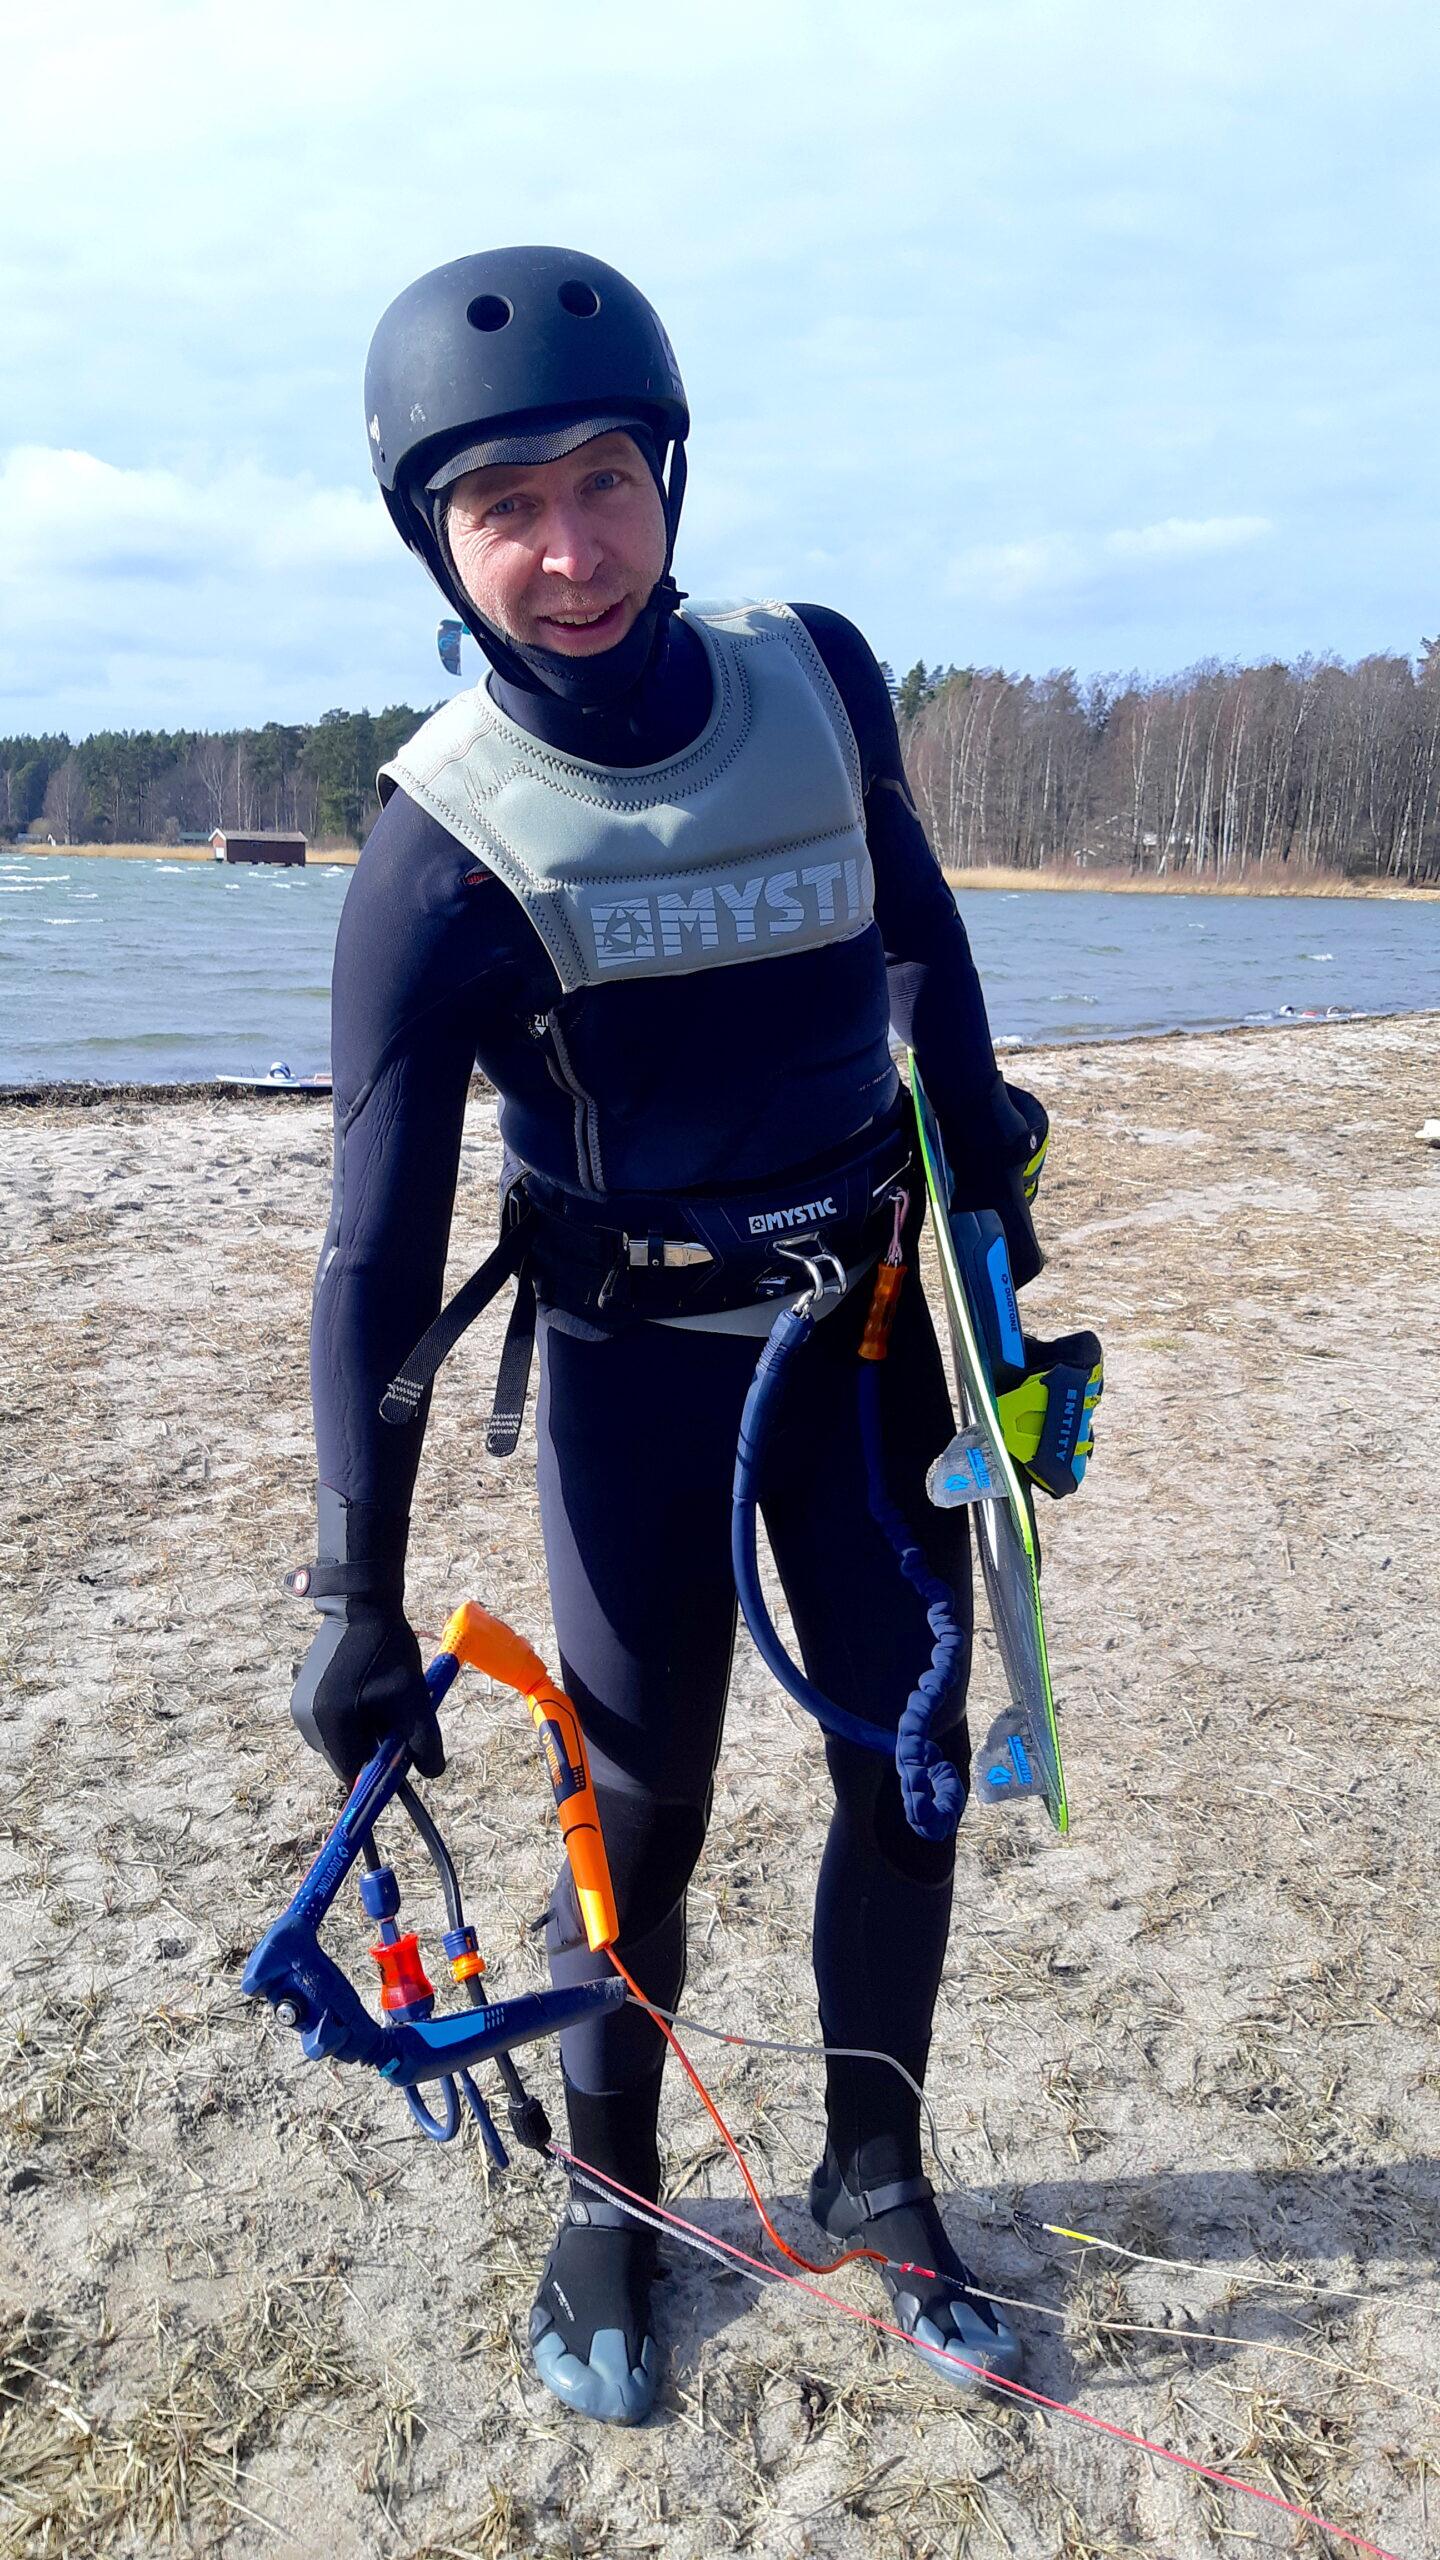 Fullsuit gloves and hoodie